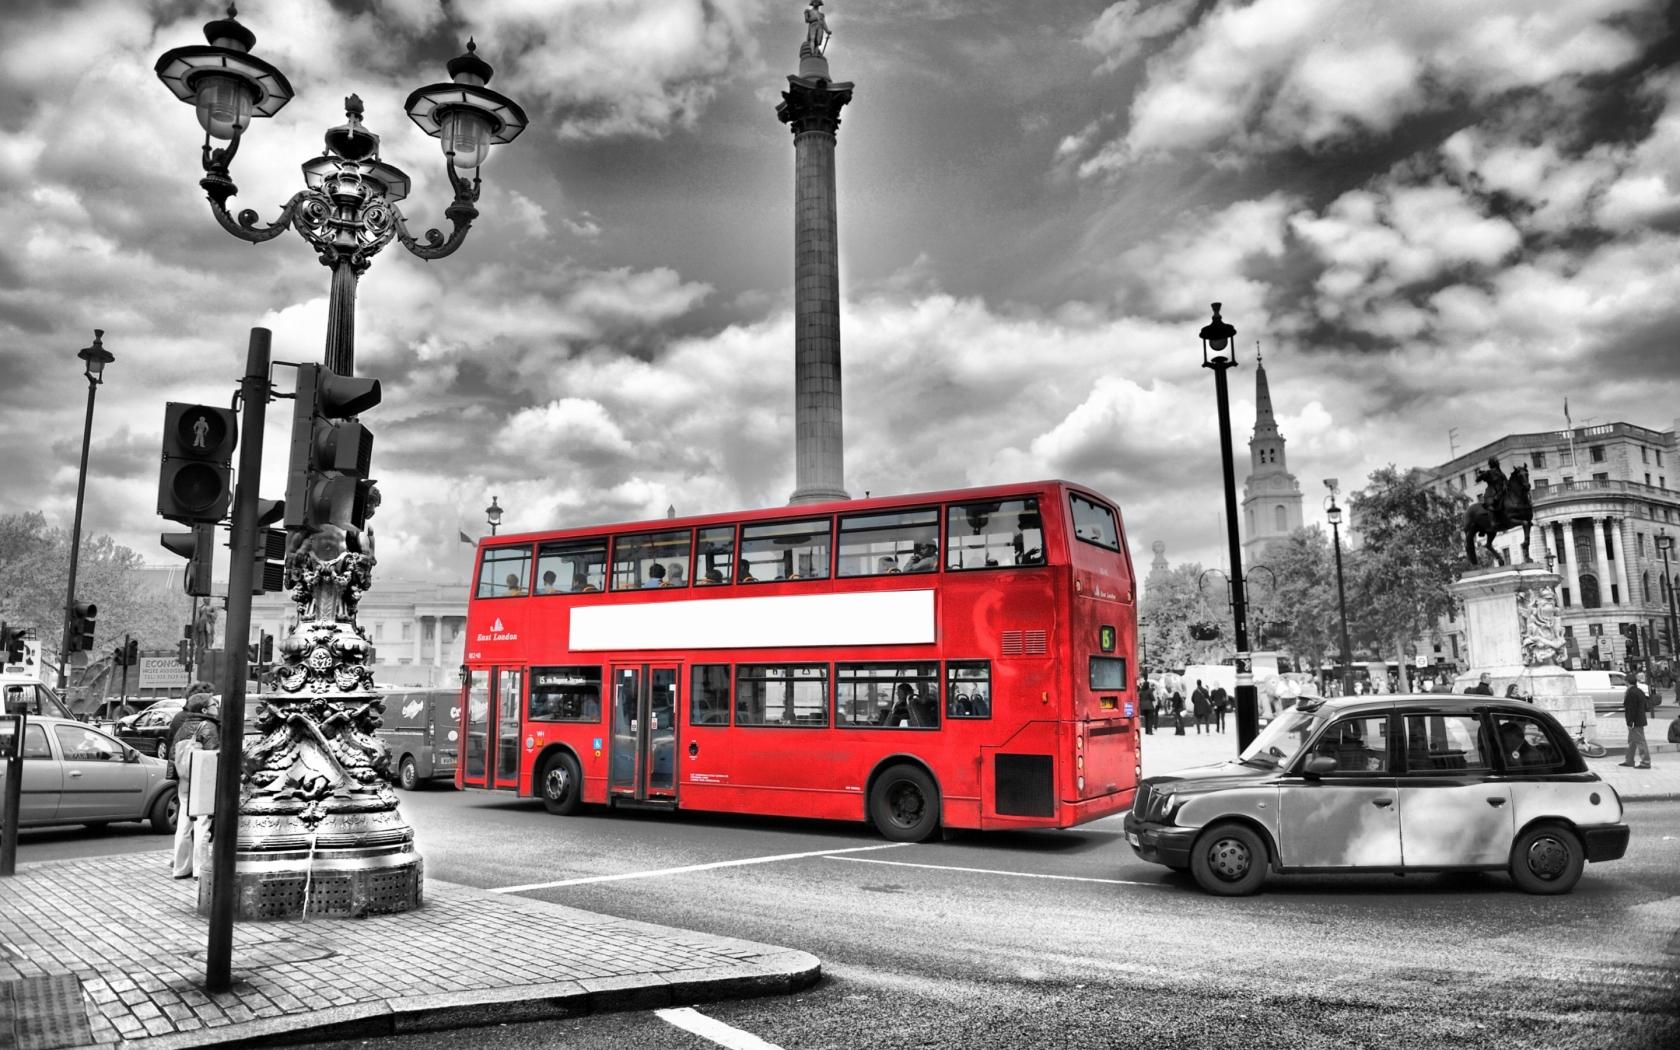 London Bus wallpaper 1680x1050